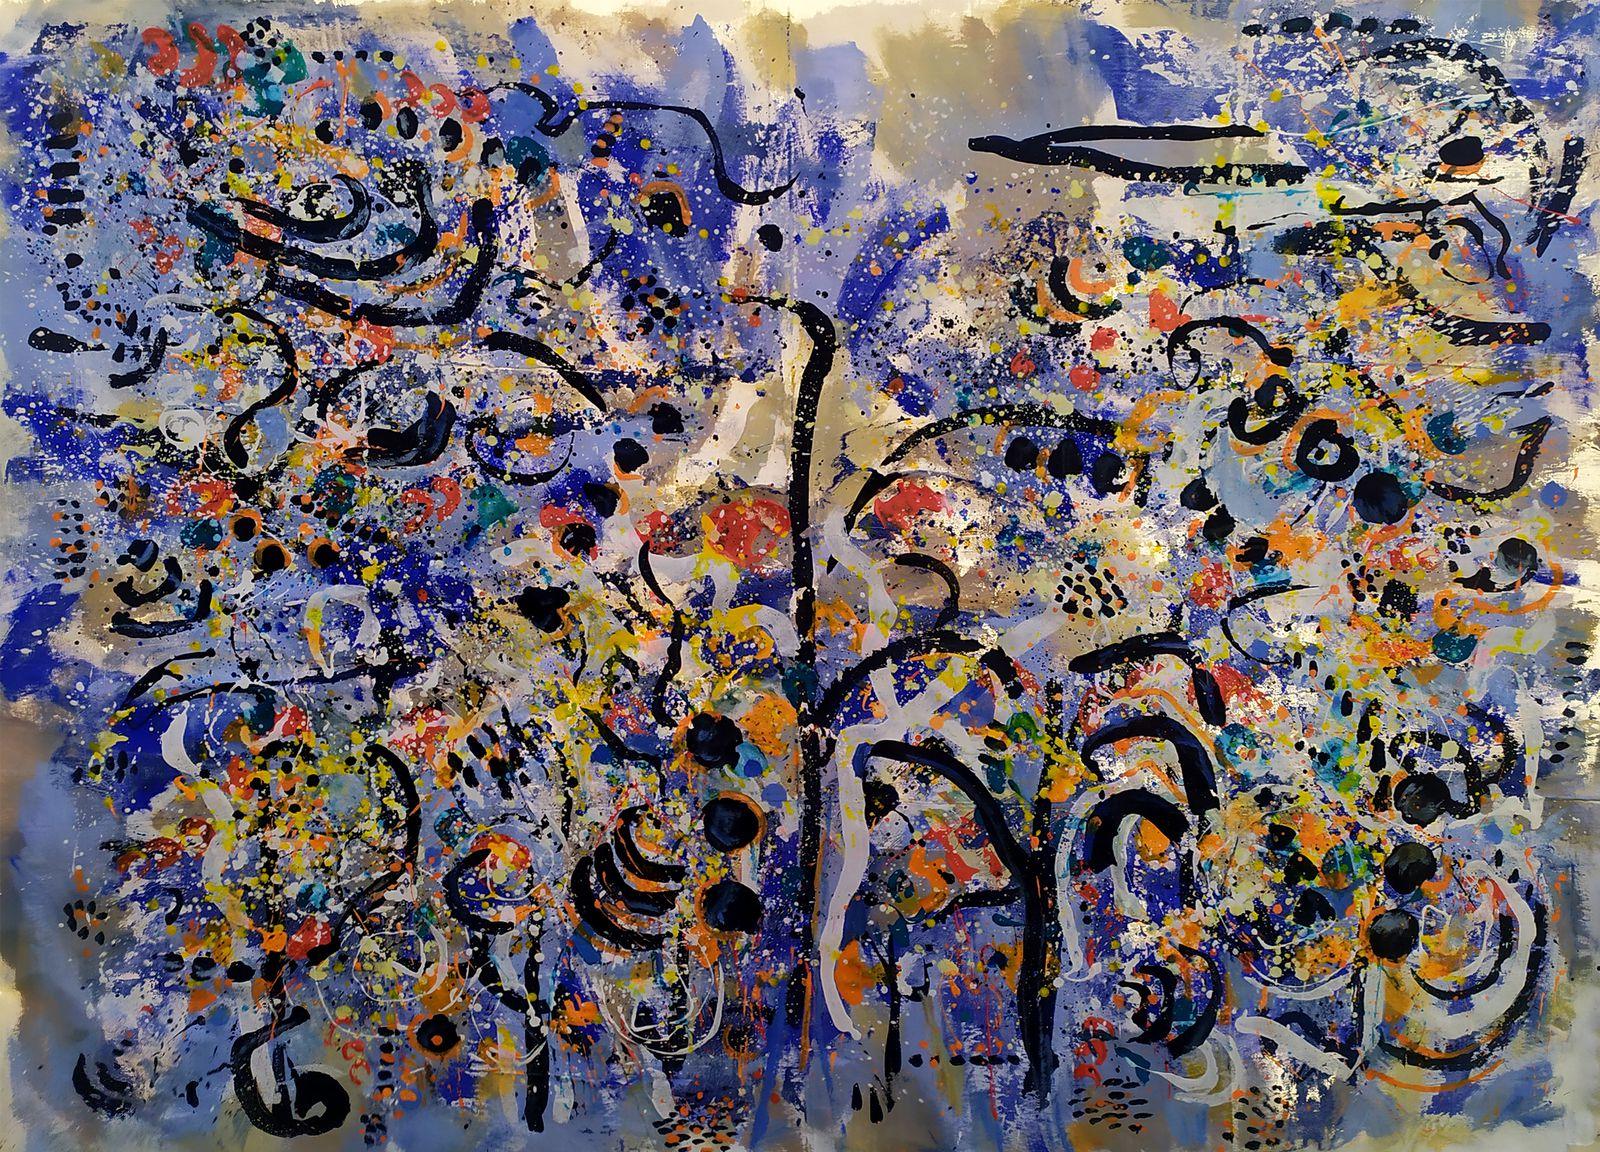 Valse n°2 - Acrylique sur drap de lin - 160 x 220 cm - Muriel CAYET